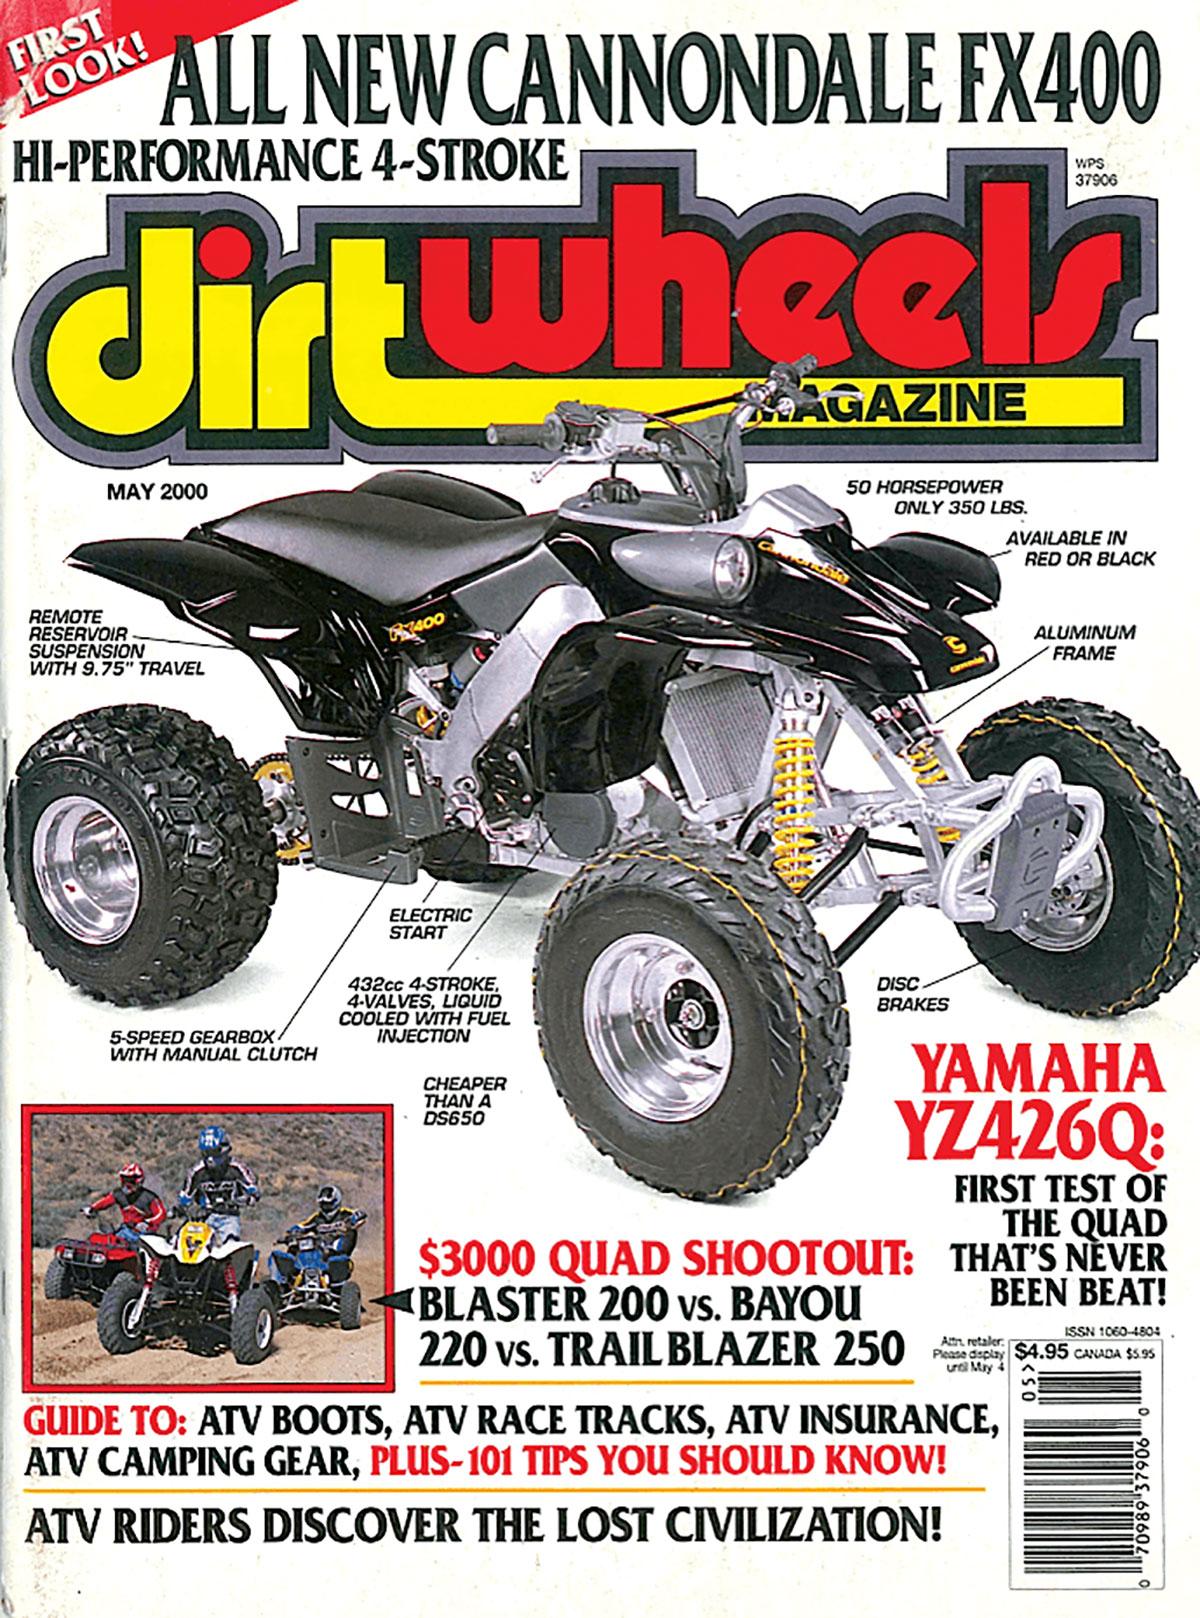 CANNONDALE QUADS | Dirt Wheels Magazine